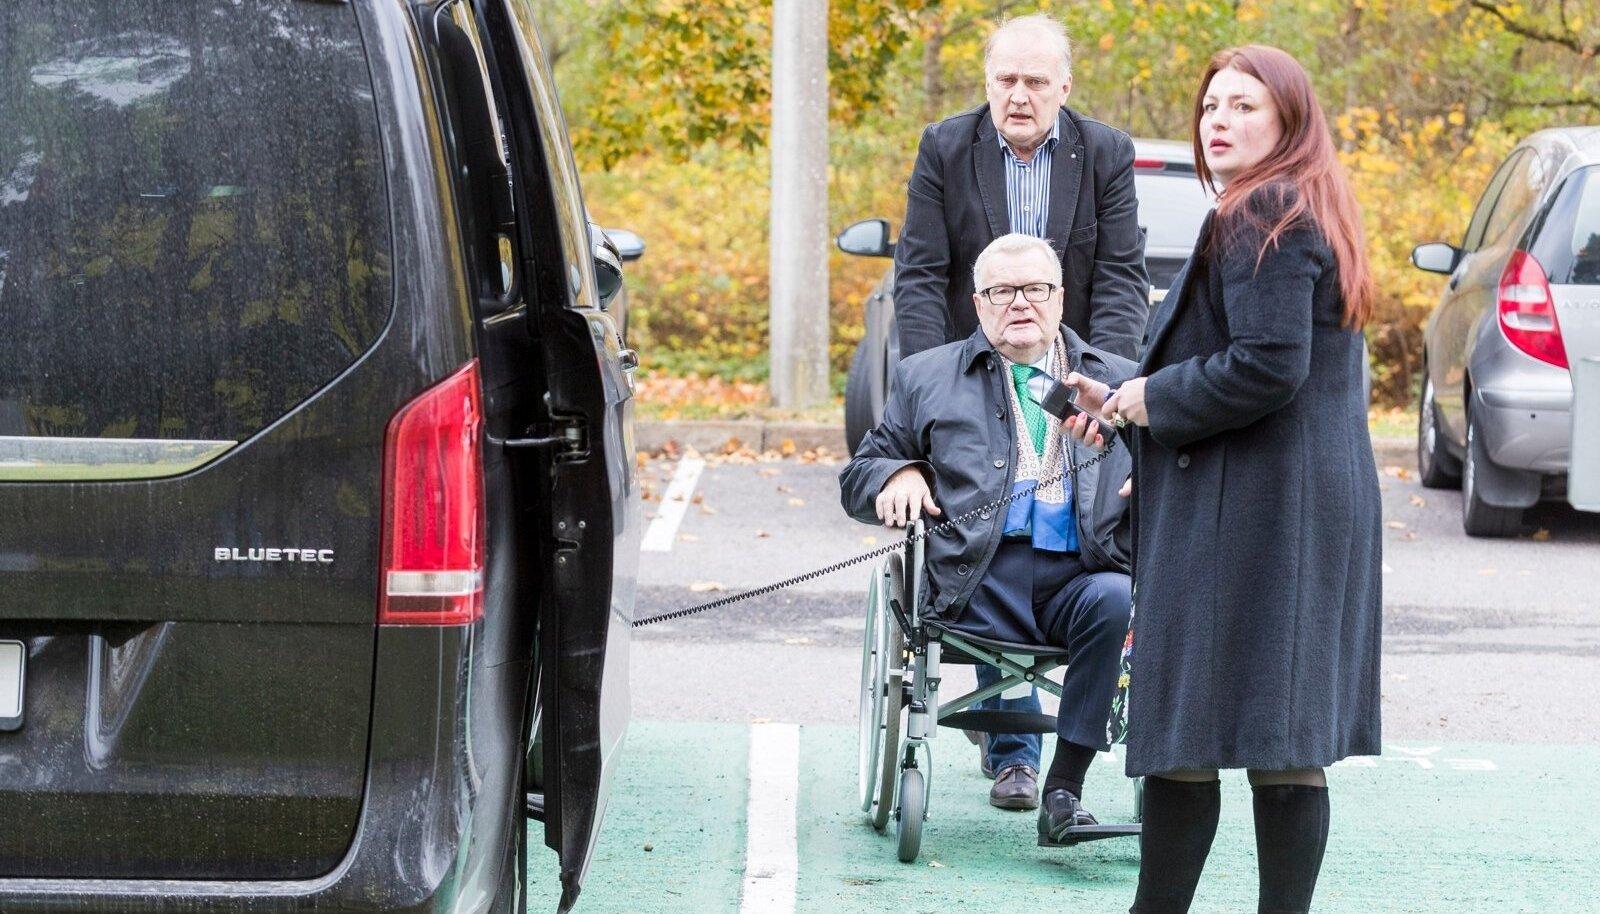 15. oktoober 2016 Keskerakonna volikogu valis uue esimehe. Pildil Edgar Savisaar koos Maria Merkulovaga